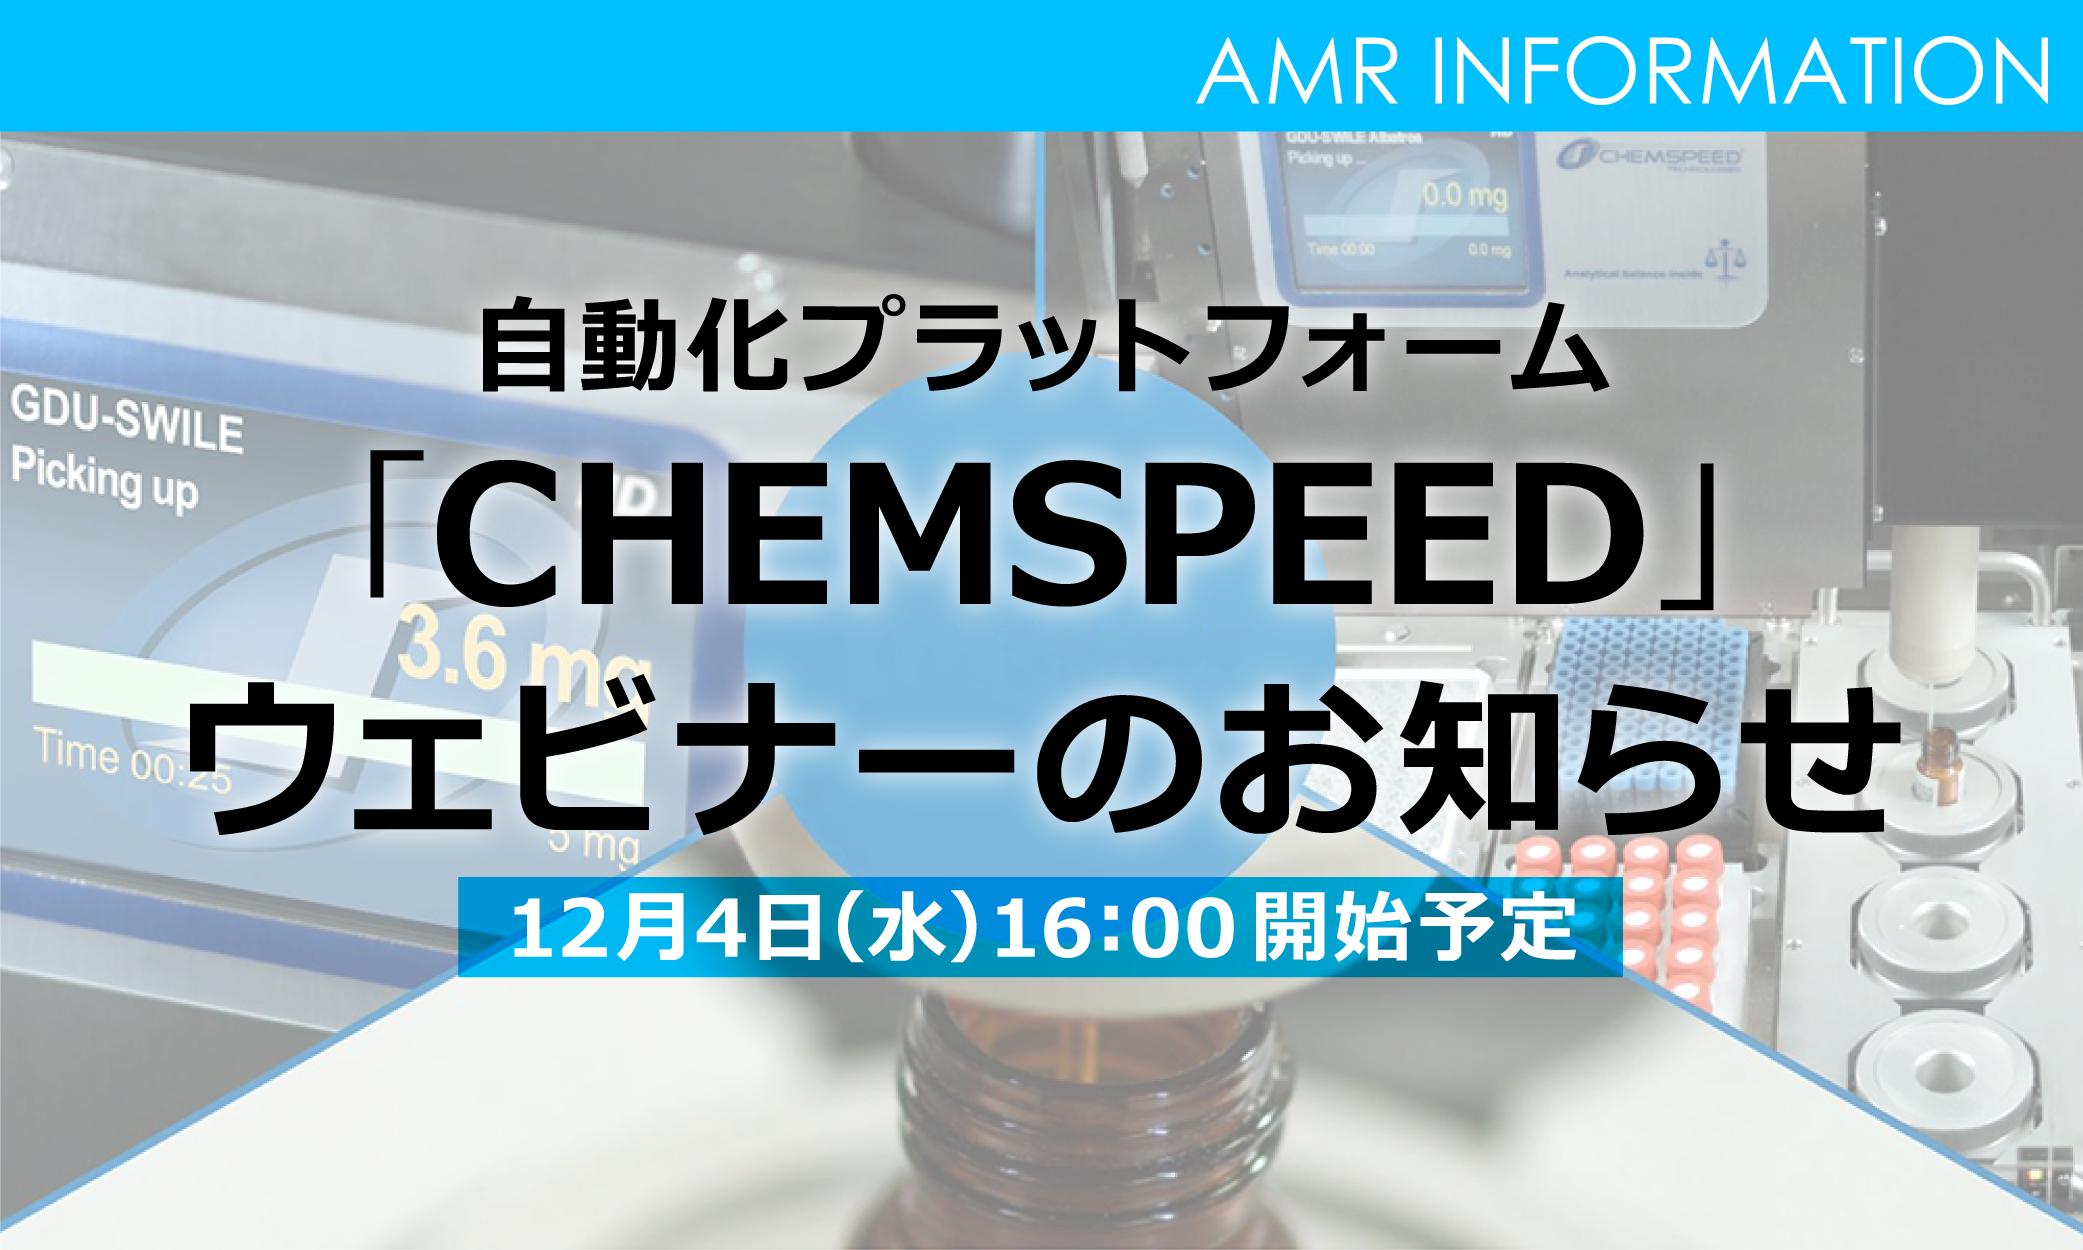 自動化プラットフォーム「CHEMSPEED」ウェビナーのお知らせ